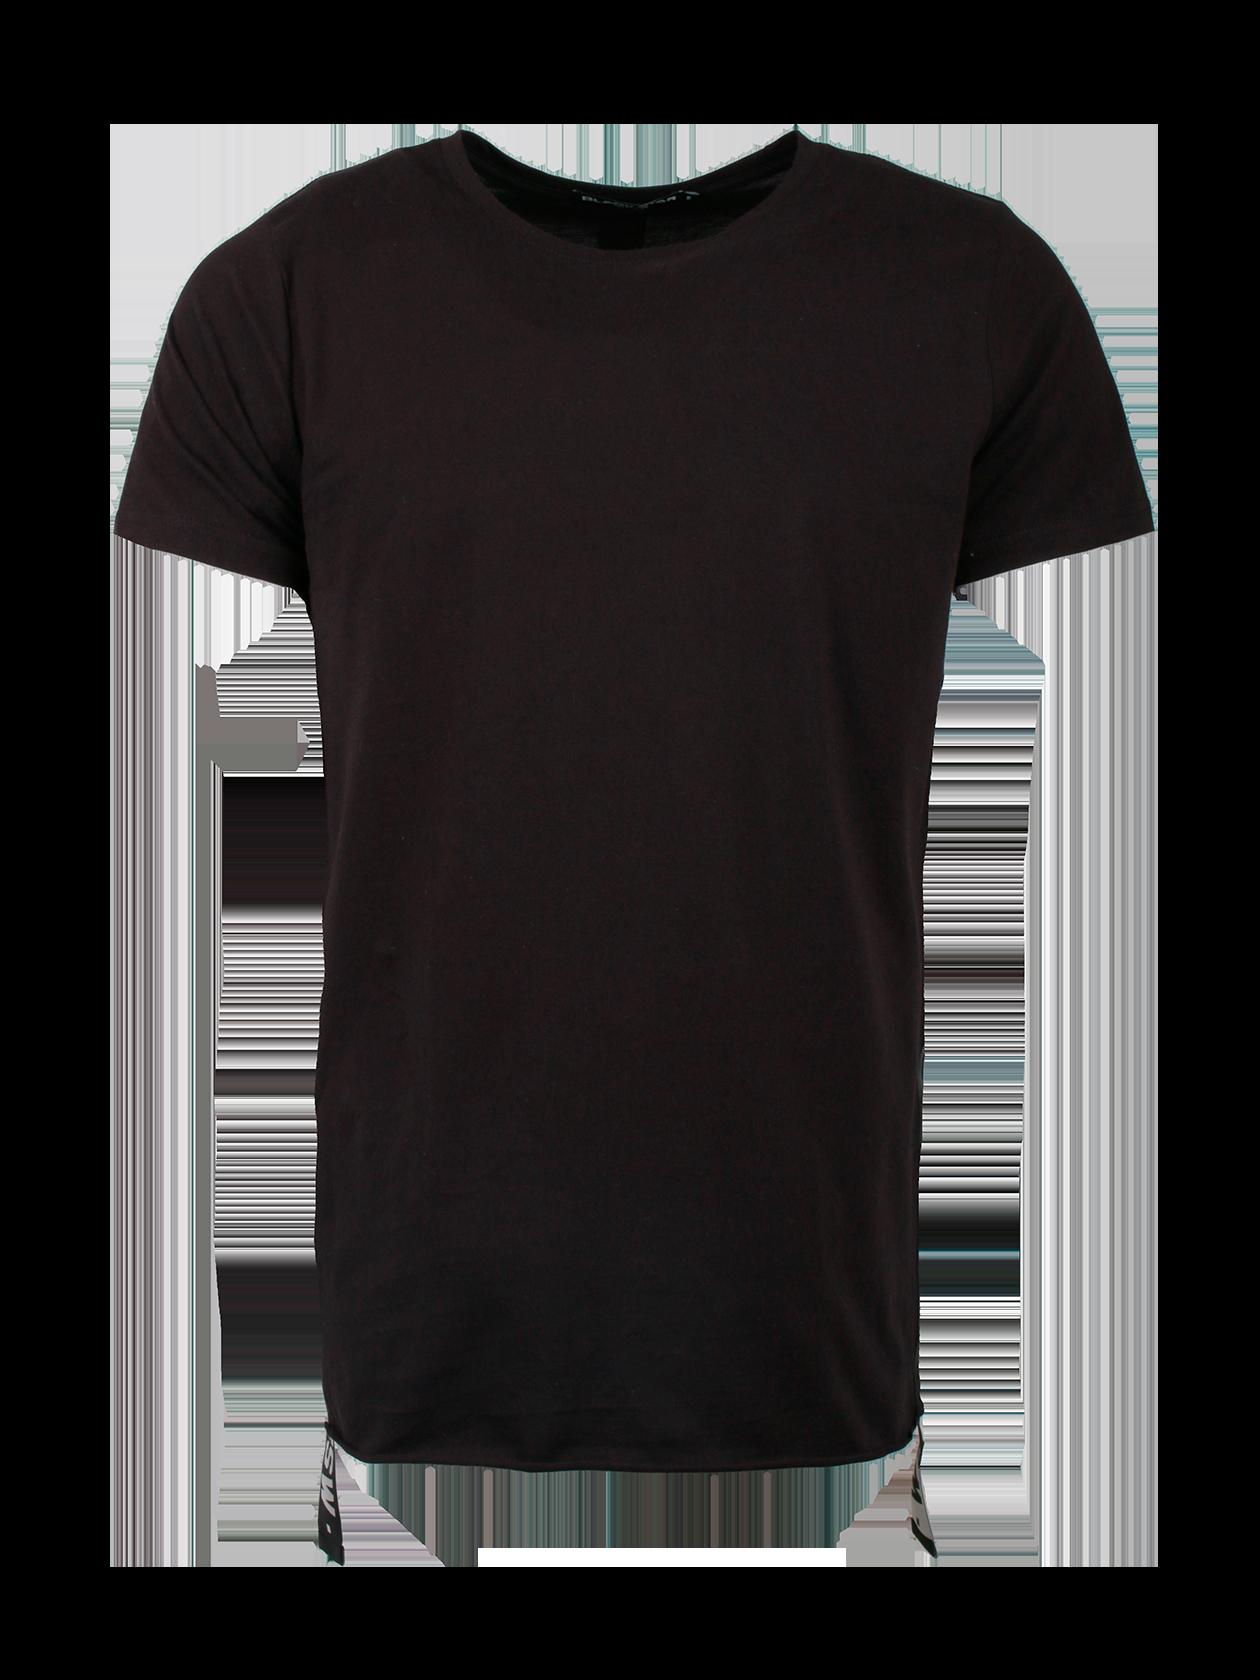 Футболка мужская ROPEСтильная футболка мужская Rope из коллекции Black Star – отличный вариант для создания индивидуального стиля на каждый день. Модель стандартного прямого свободного фасона с небольшим удлинением. Круглый вырез горловины, внутри по спинке оформлен жаккардовый лейбл Black Star Wear. На спине по центру черная полоска, по бокам снизу декоративные нашивки. Футболка представлена в однотонной коричневой расцветке, актуальной в любом сезоне. Материал пошива – натуральный хлопок премиального качества.<br><br>Размер: XS<br>Цвет: Черный<br>Пол: Мужской